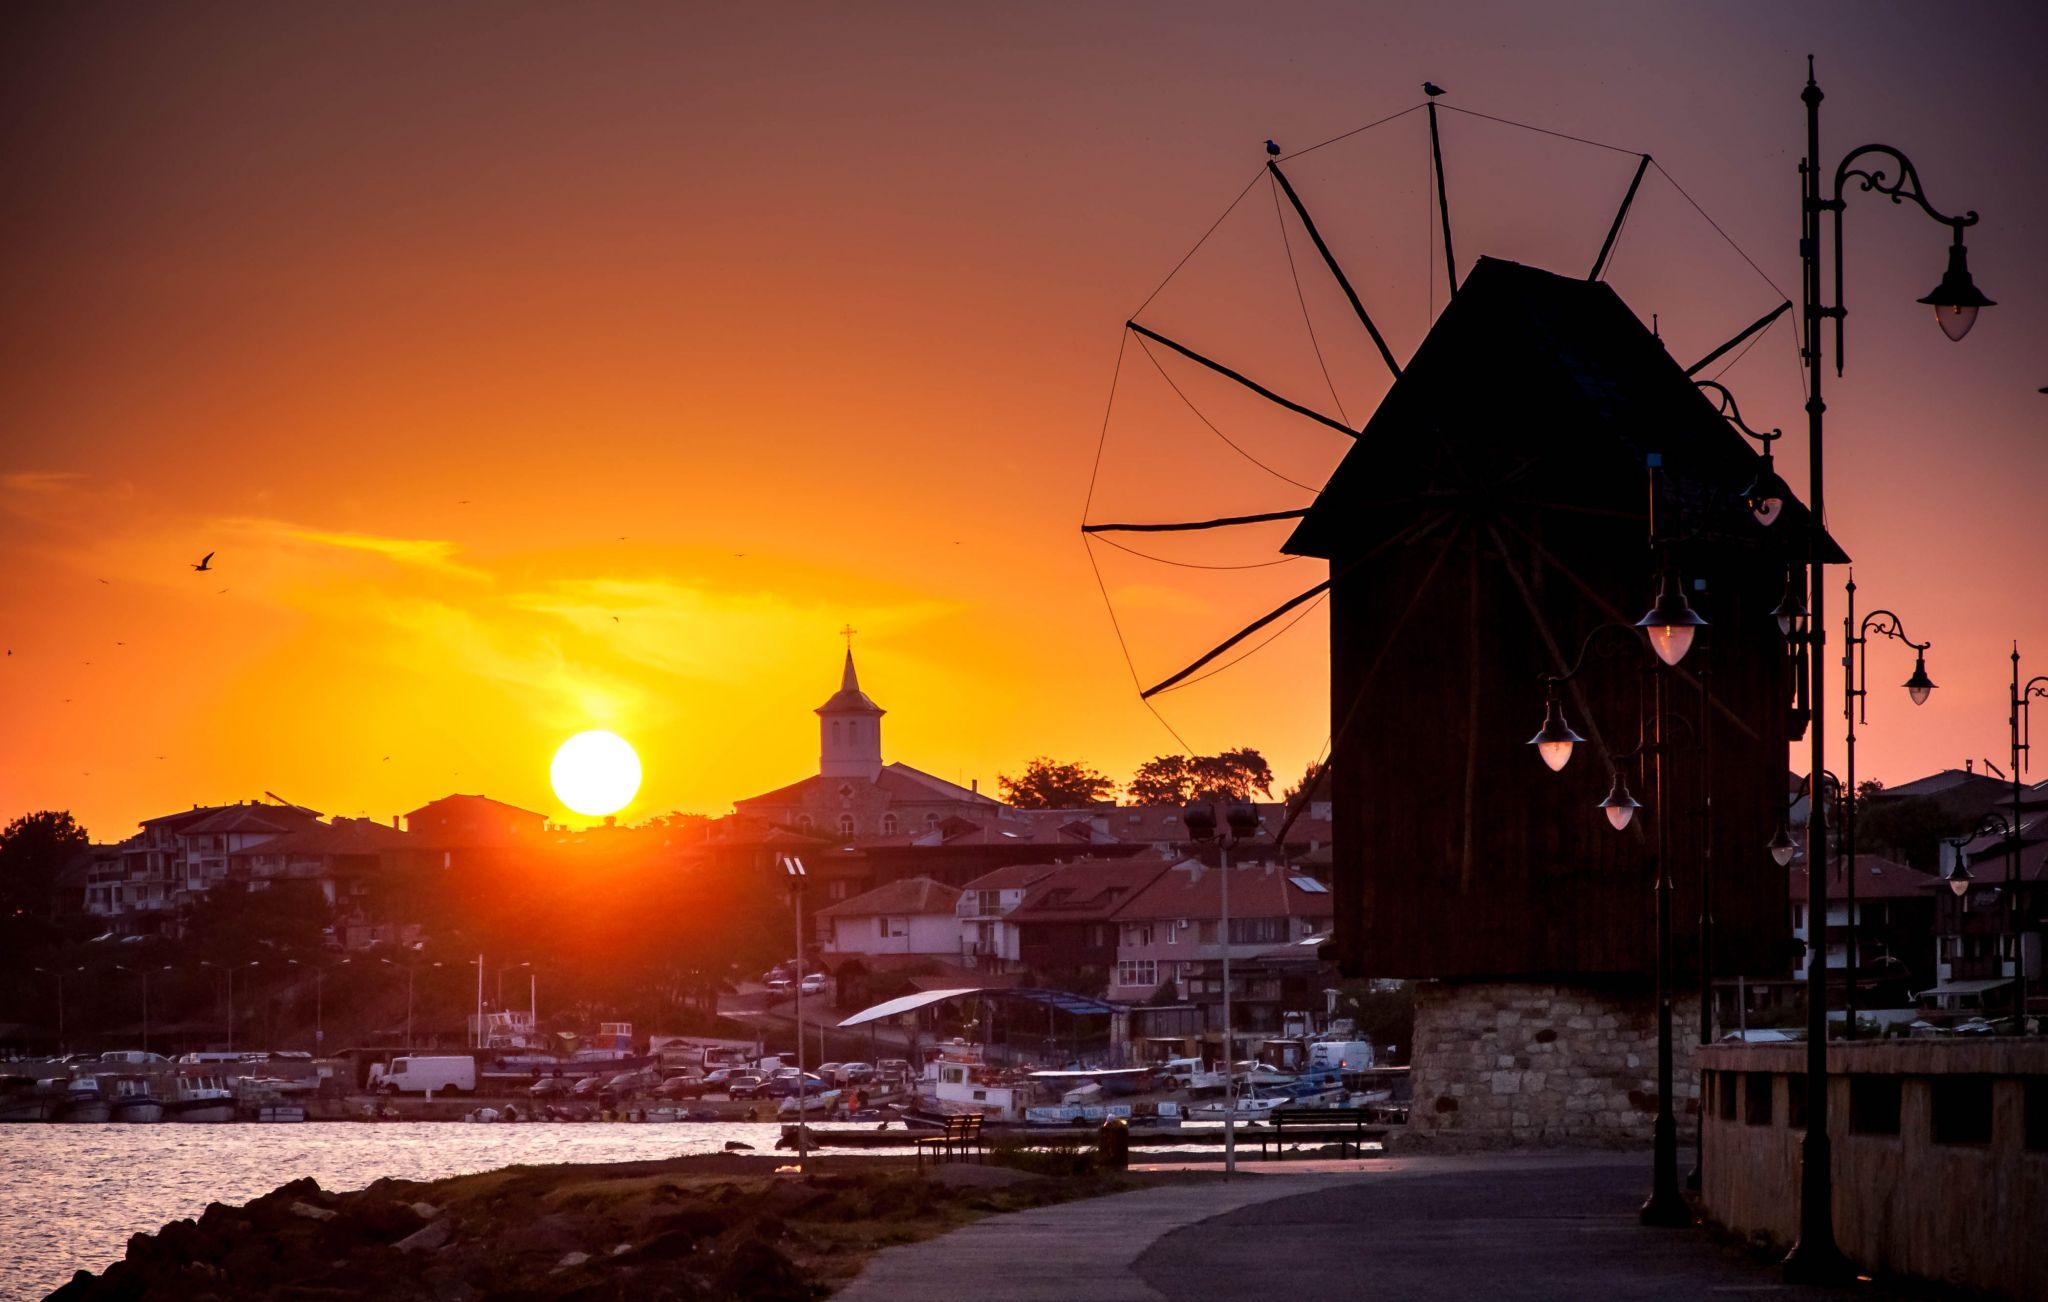 The Windmill in Nessebar, Bulgaria, Bulgaria